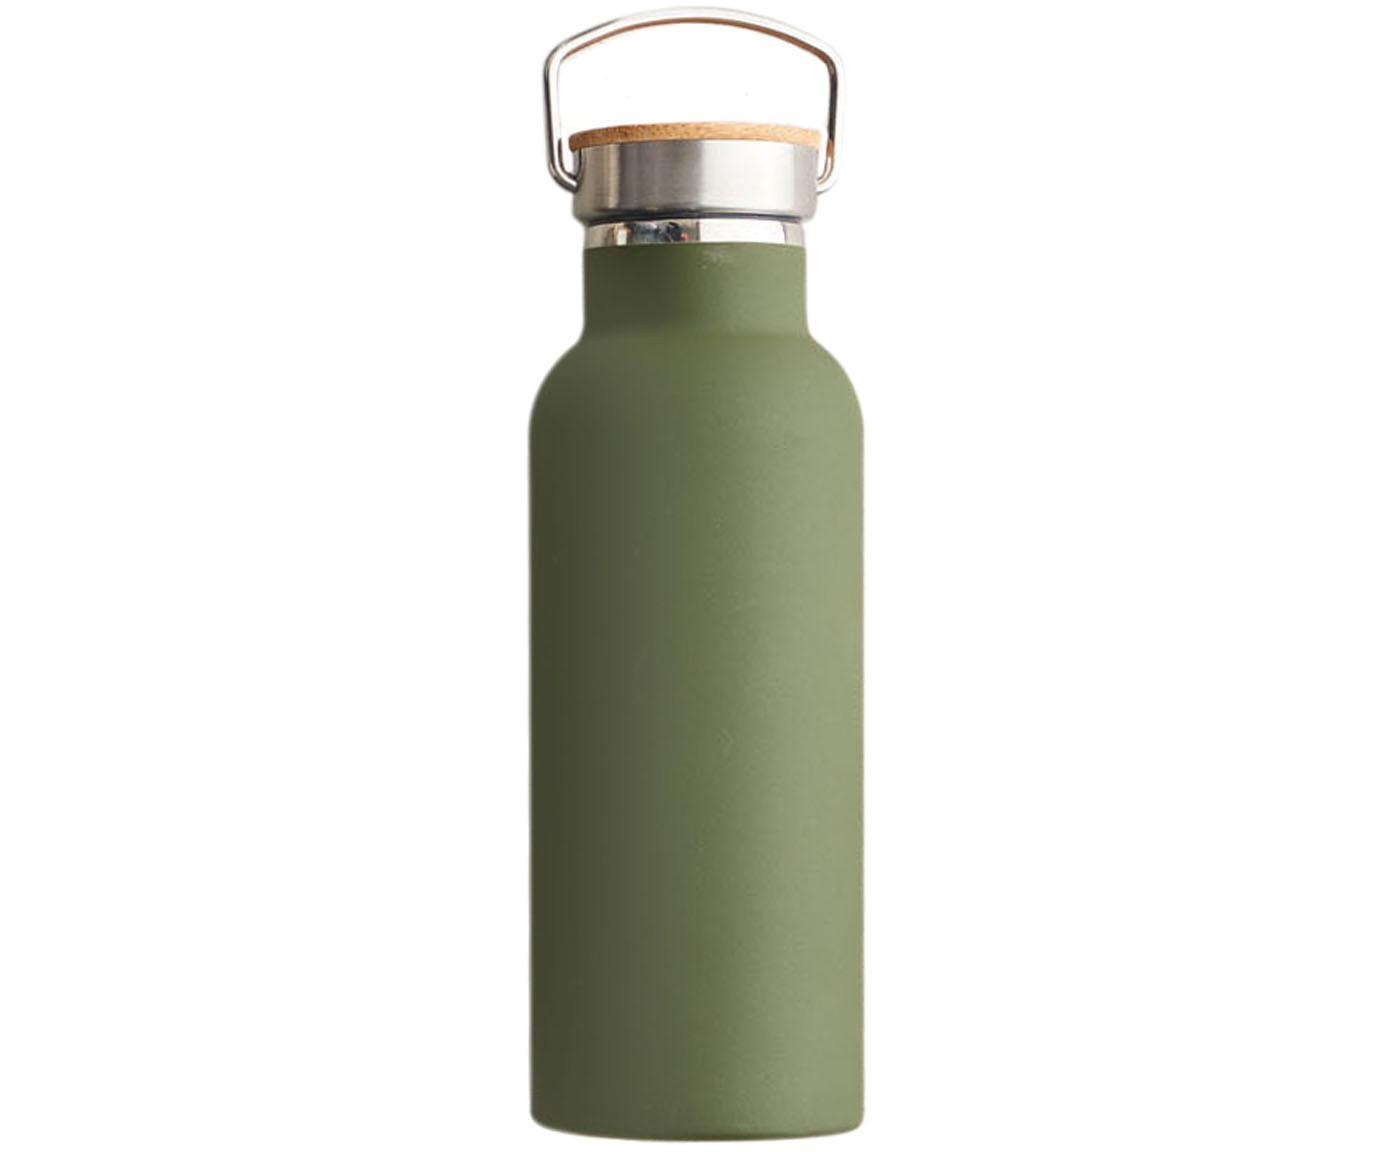 Borraccia termica Miles, Verde oliva, acciaio, Ø 7 x A 22 cm